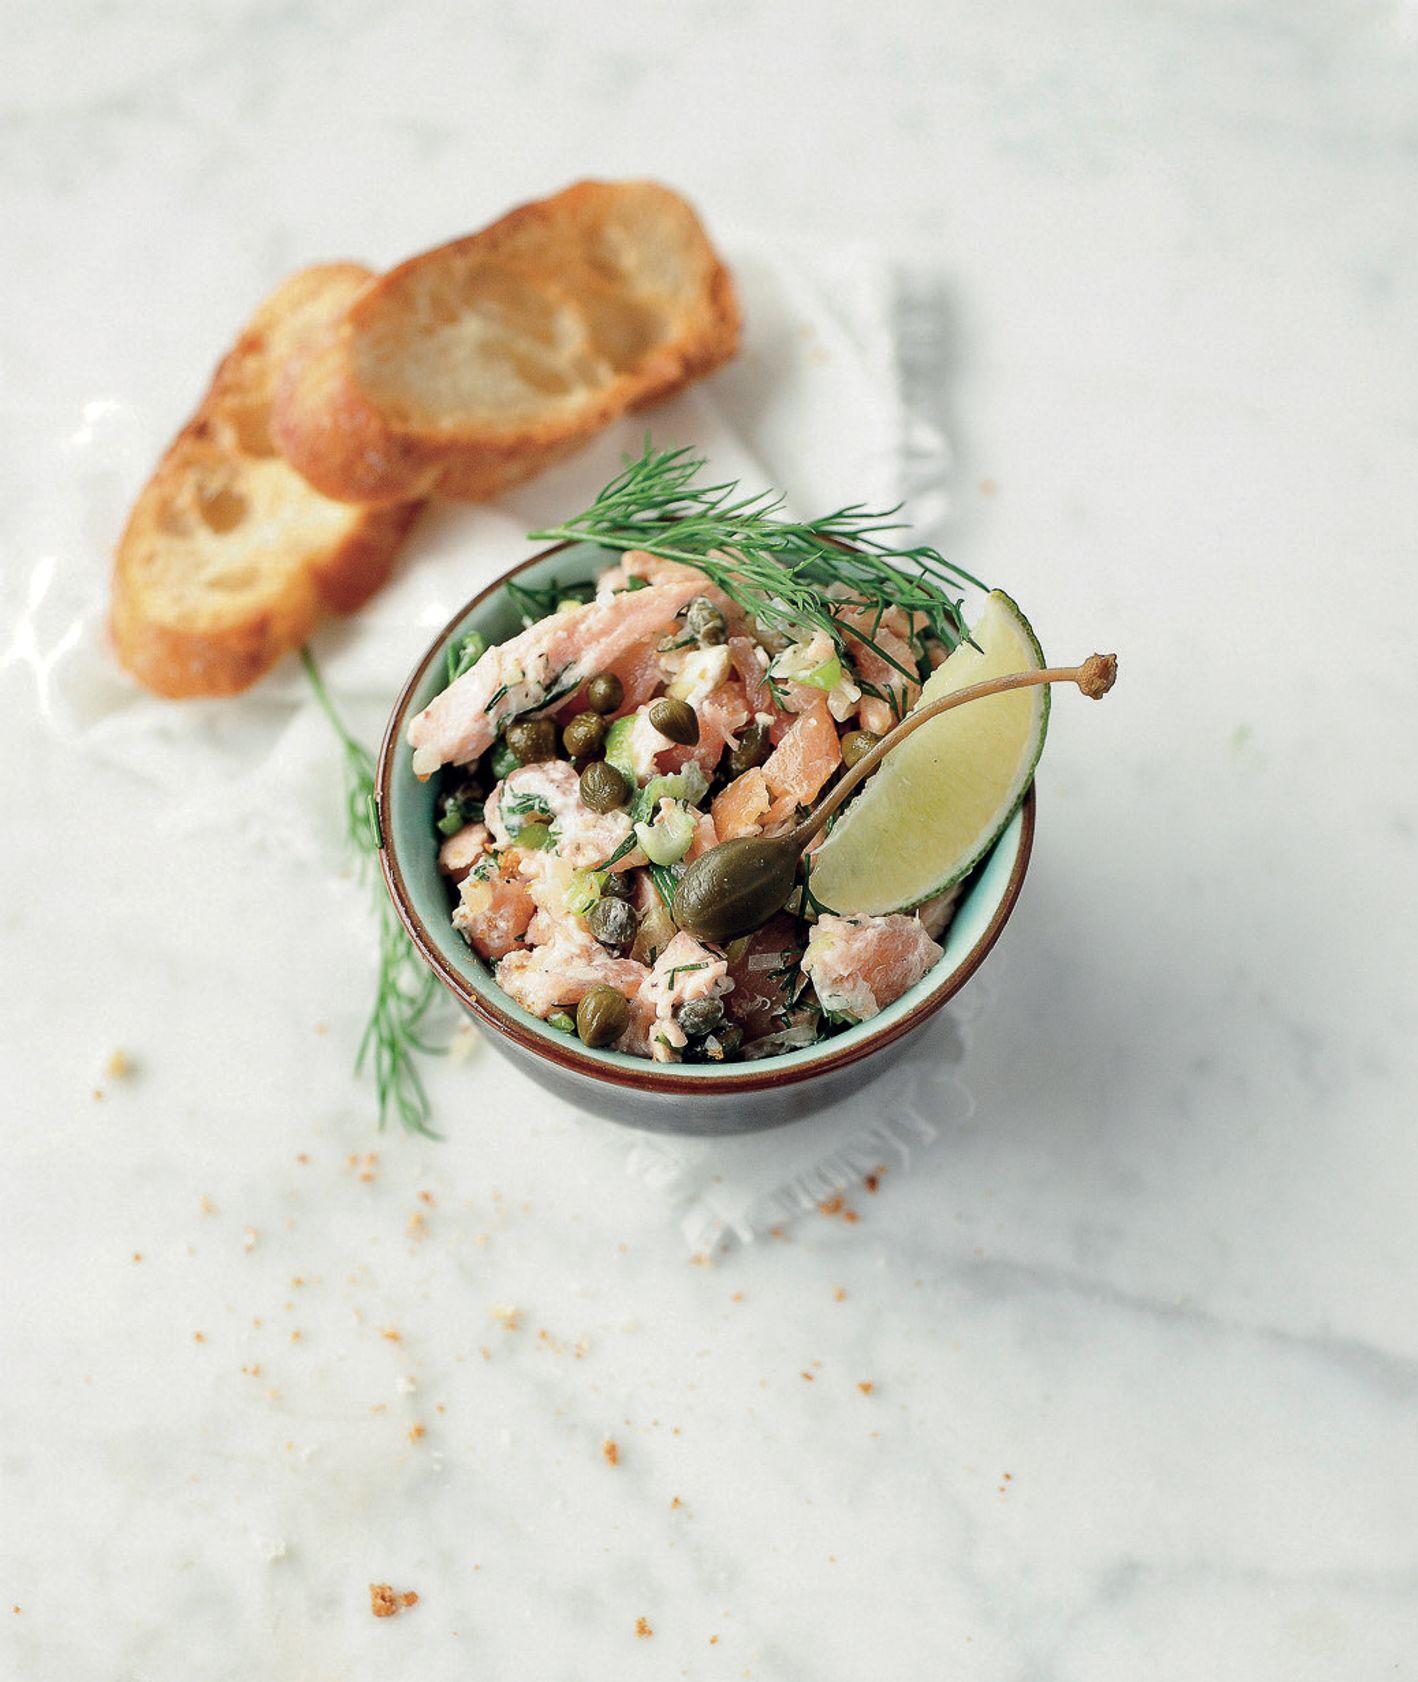 Chrupiąca bruschetta czosnkowa podana z rilletes z łososia, przepis i zdjęcie Anna Chwistek